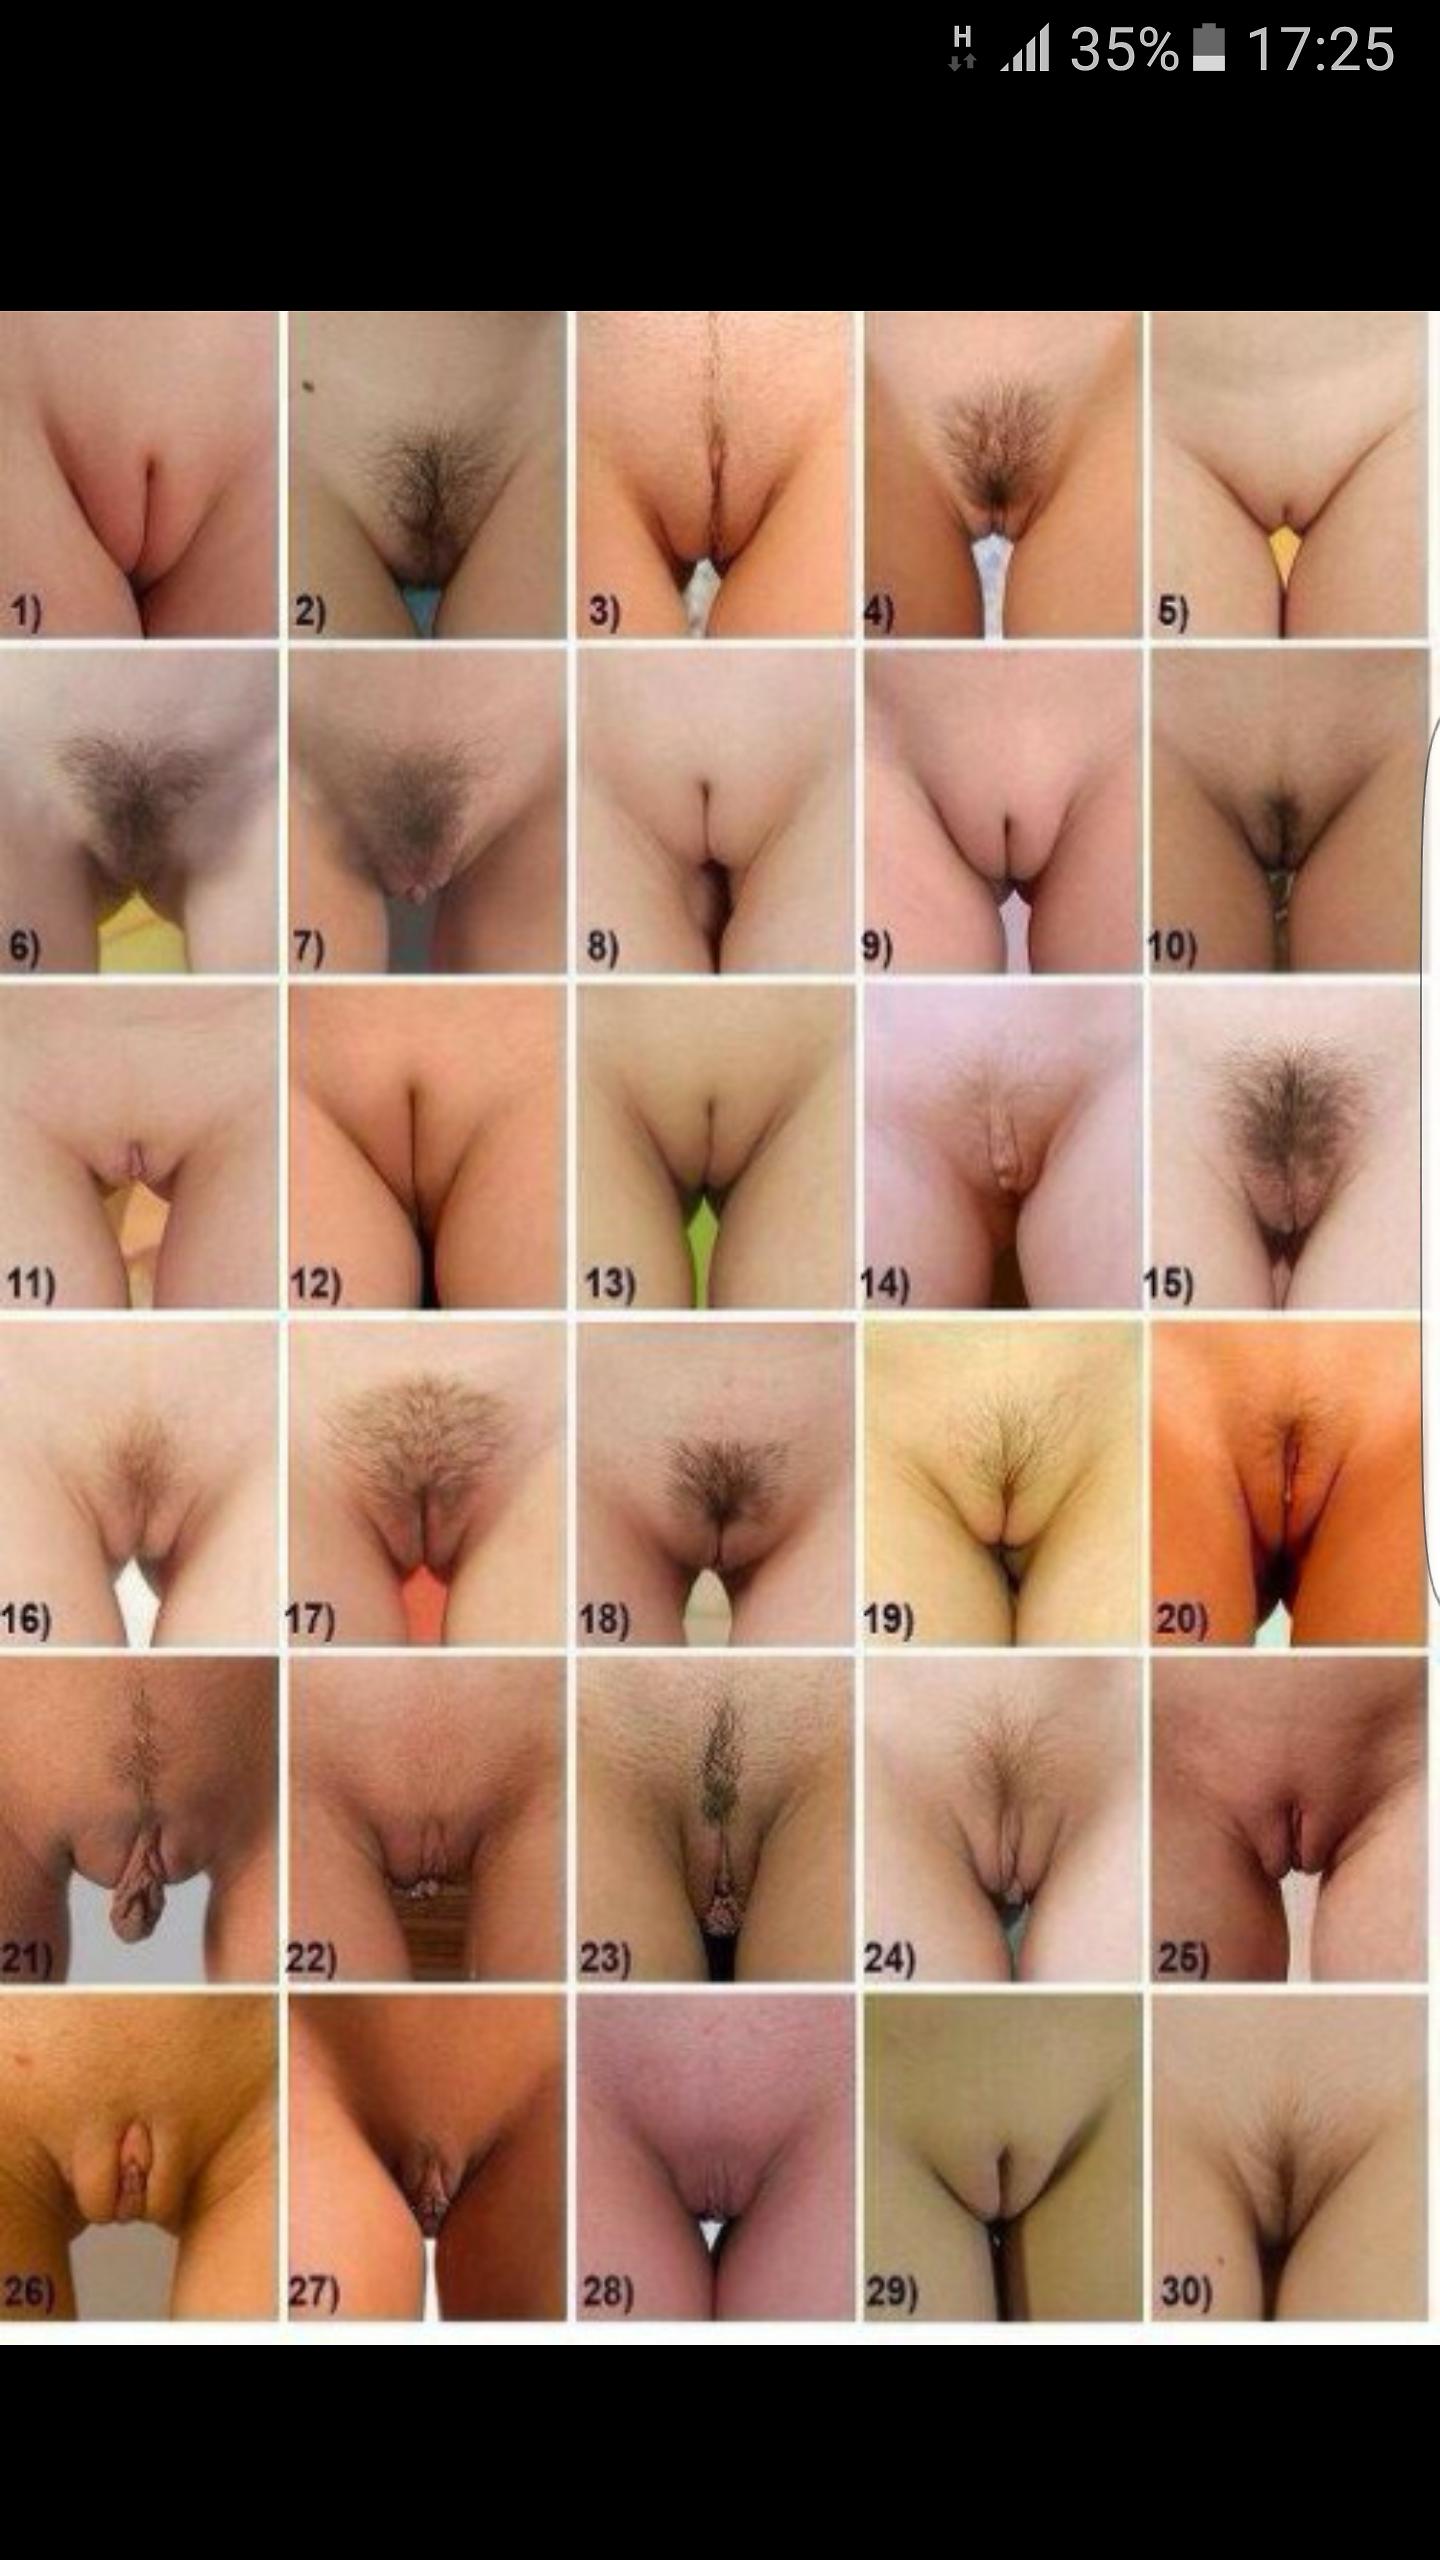 Порно фото женских писек пизды вагин  Смотреть